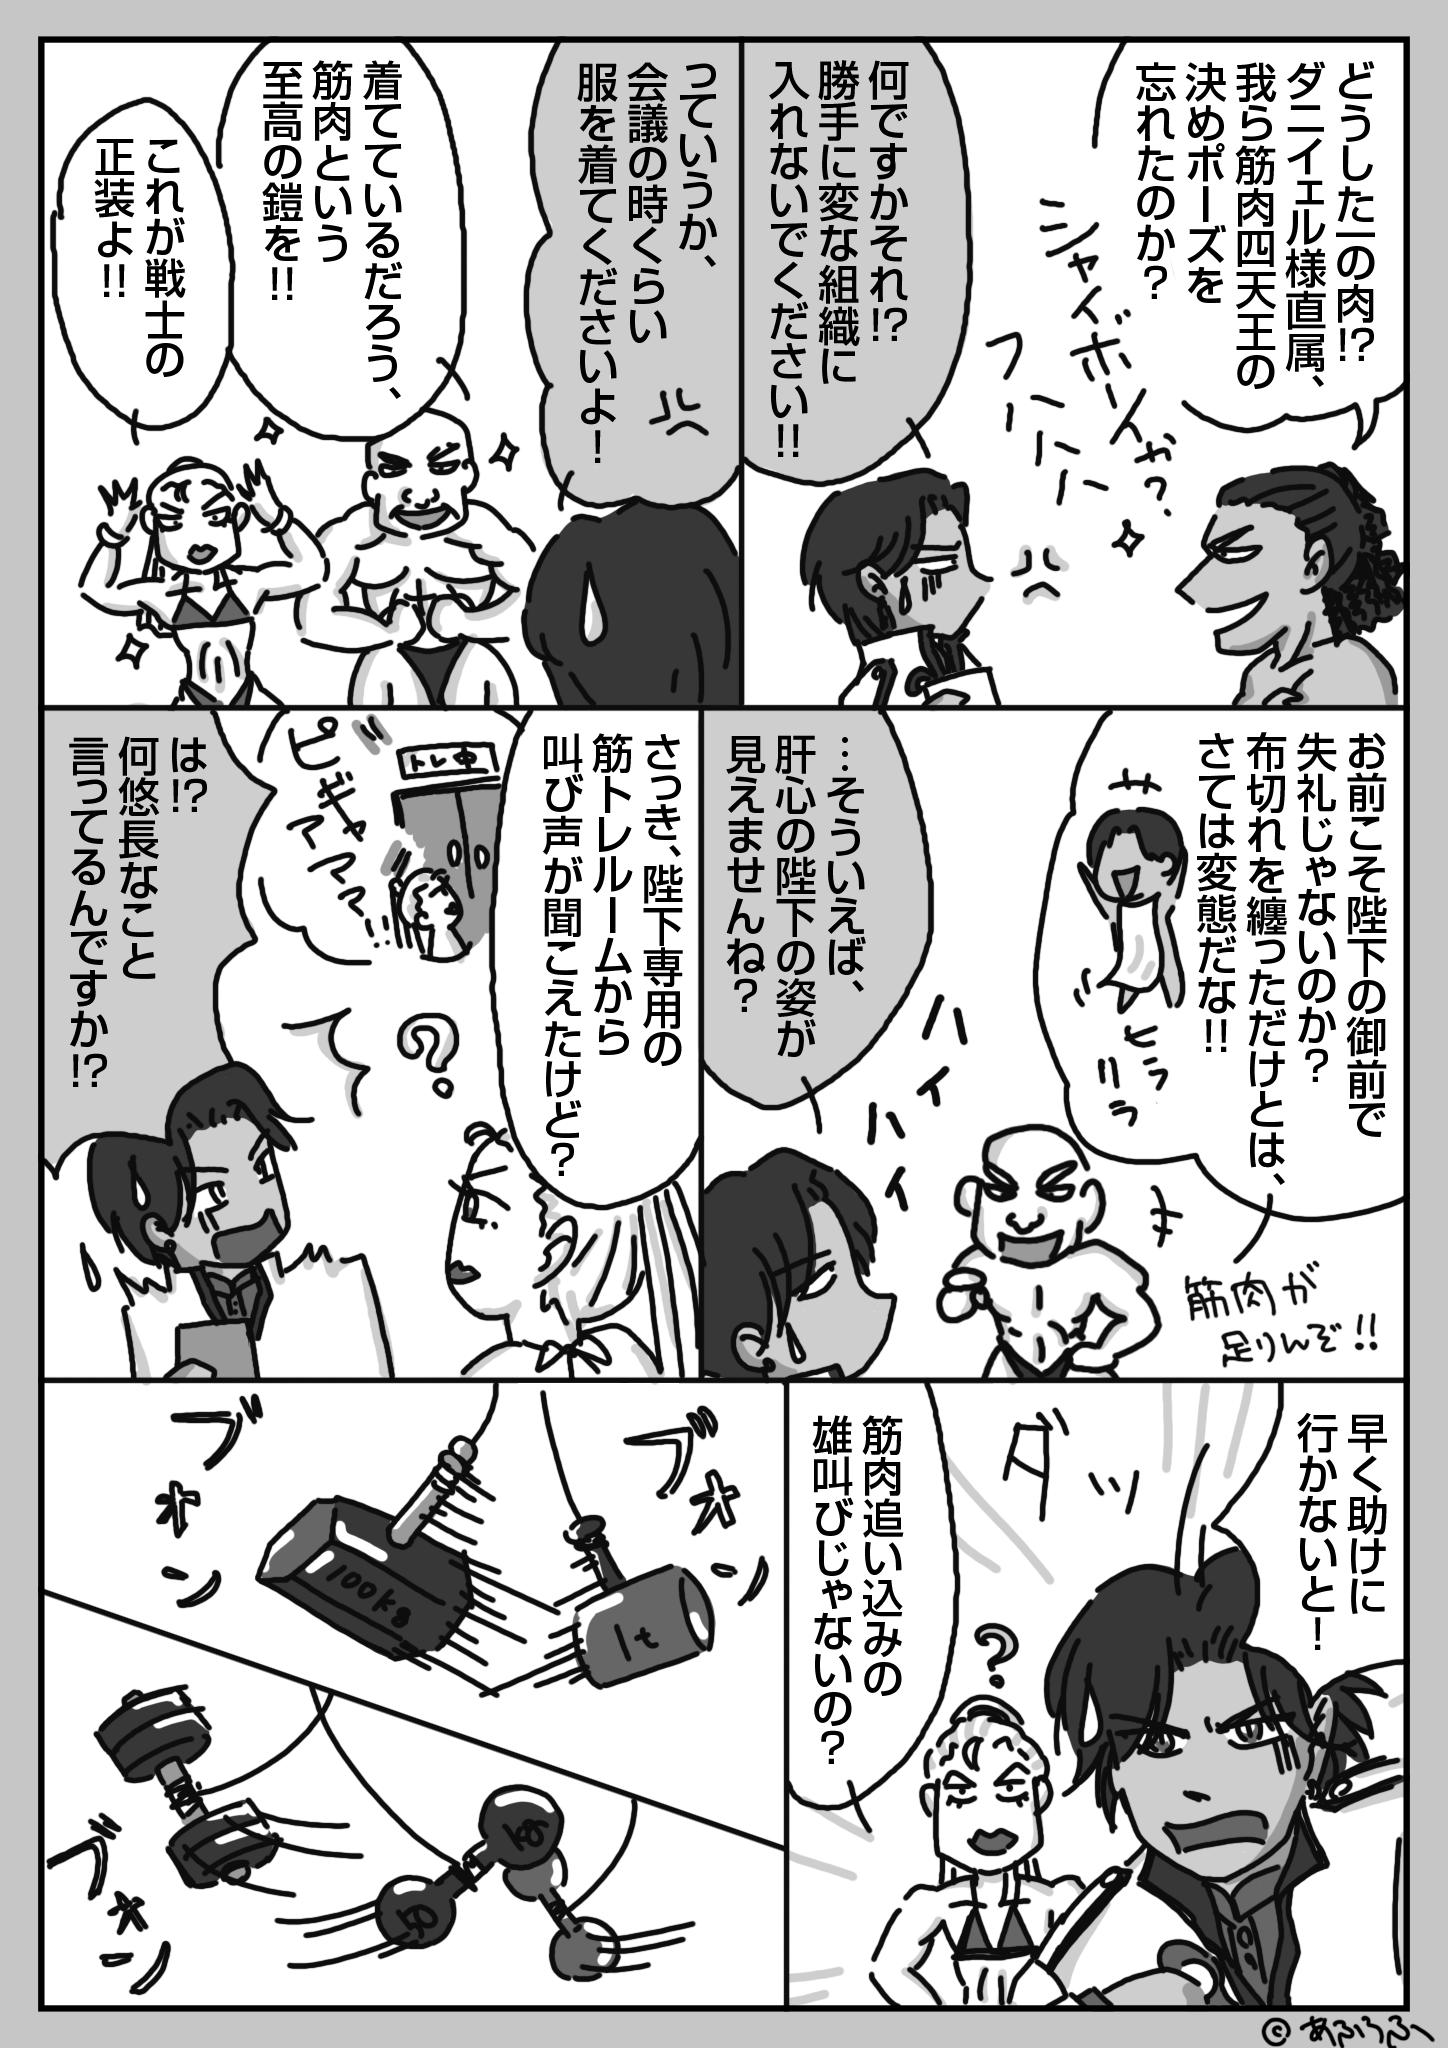 火の魔王とタピオカ入りプロテイン (2)